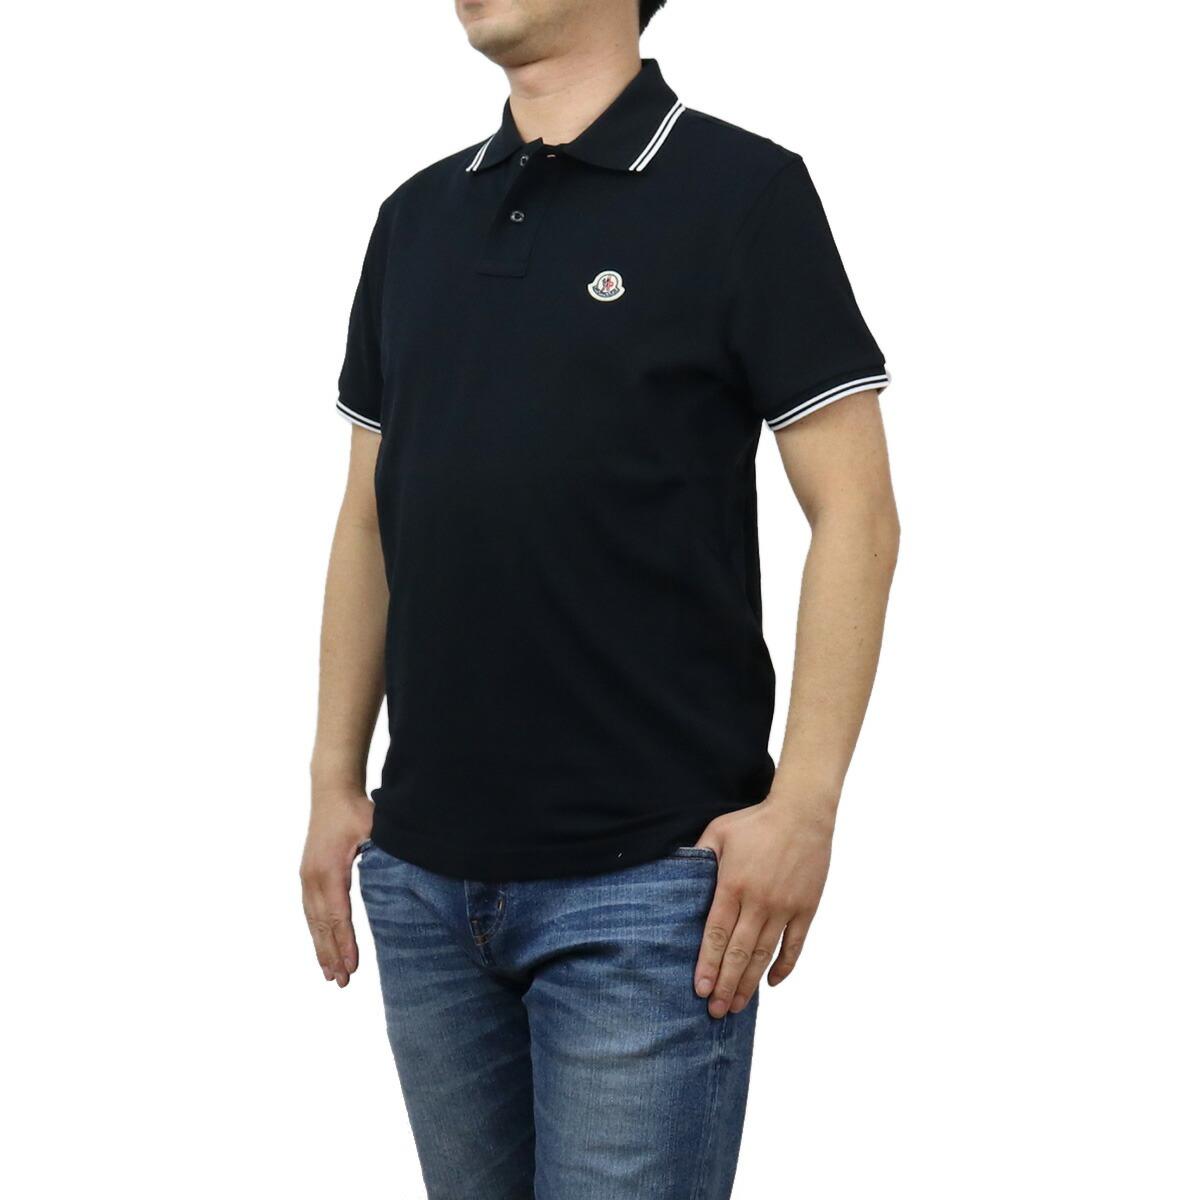 モンクレール MONCLER メンズ-ポロシャツ 8A70600 MAGLIA POLO MAN 84556 773 ネイビー系 bos-10 apparel-01 polo-01 メンズ